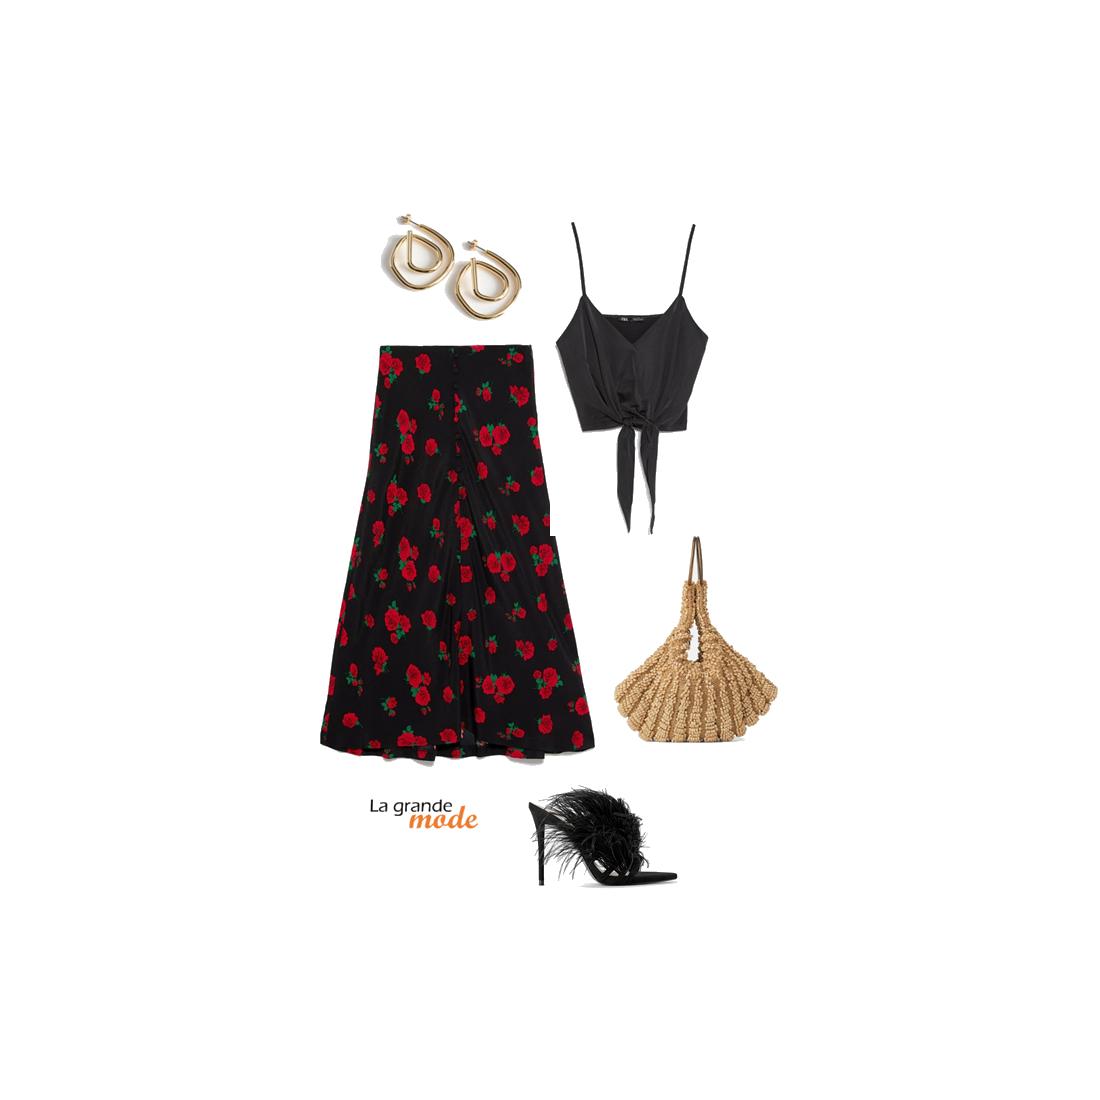 La Grande Mode - Idée look avec une jupe satinée et un top noué - Tendance mode printemps été 2019 - SS2019